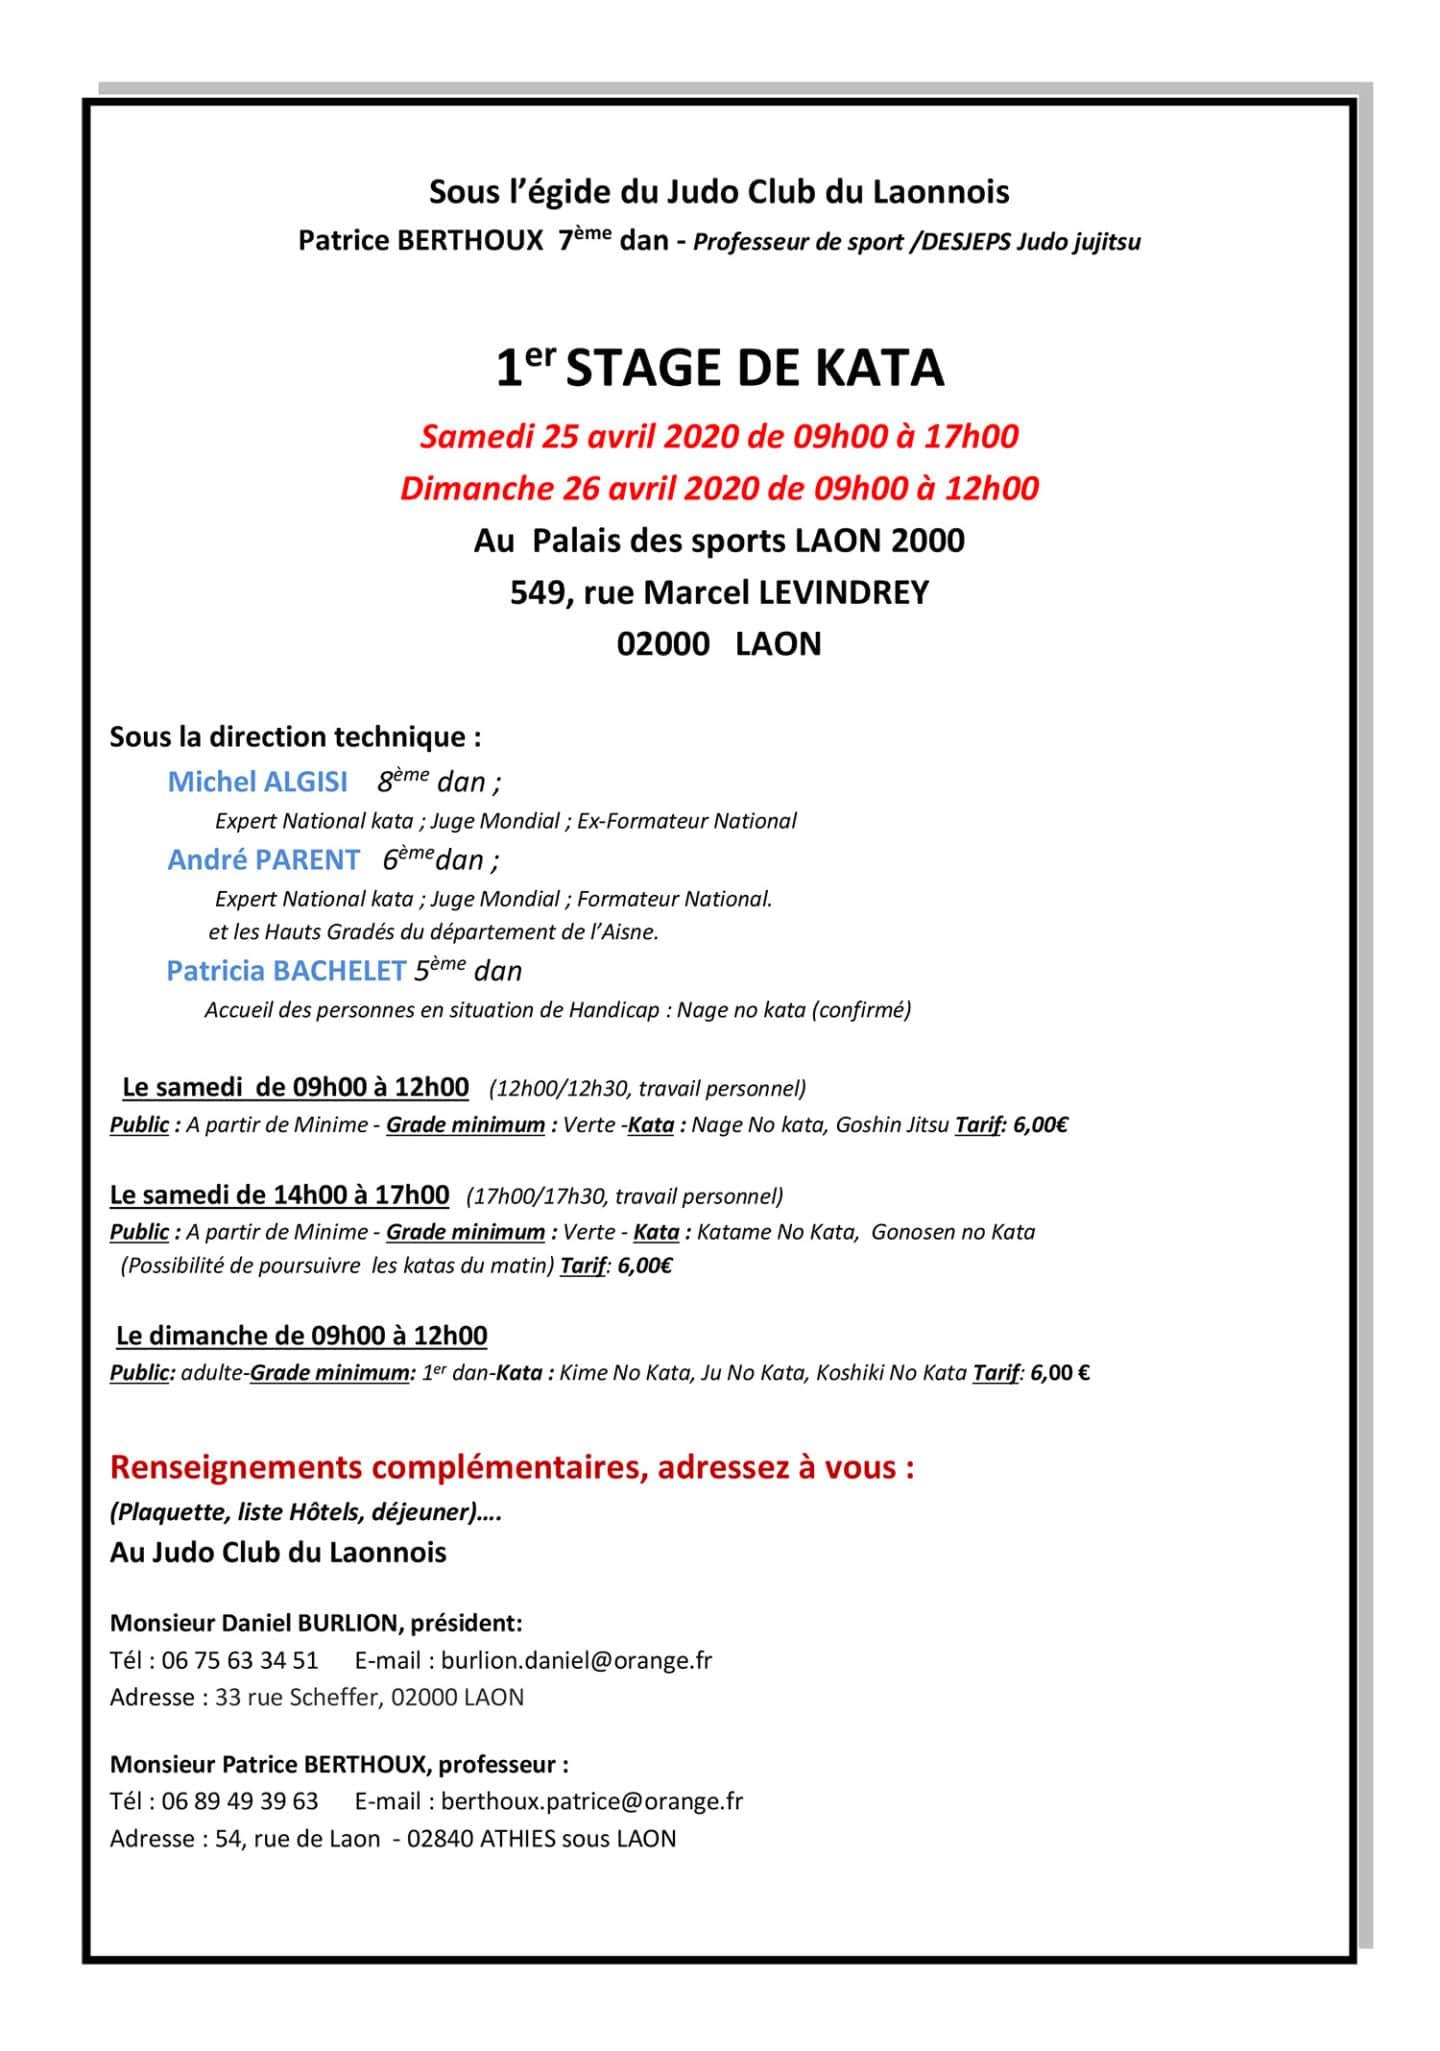 1er Stage Kata JCL les 25 et 26 avril 2020    Tract - Copie